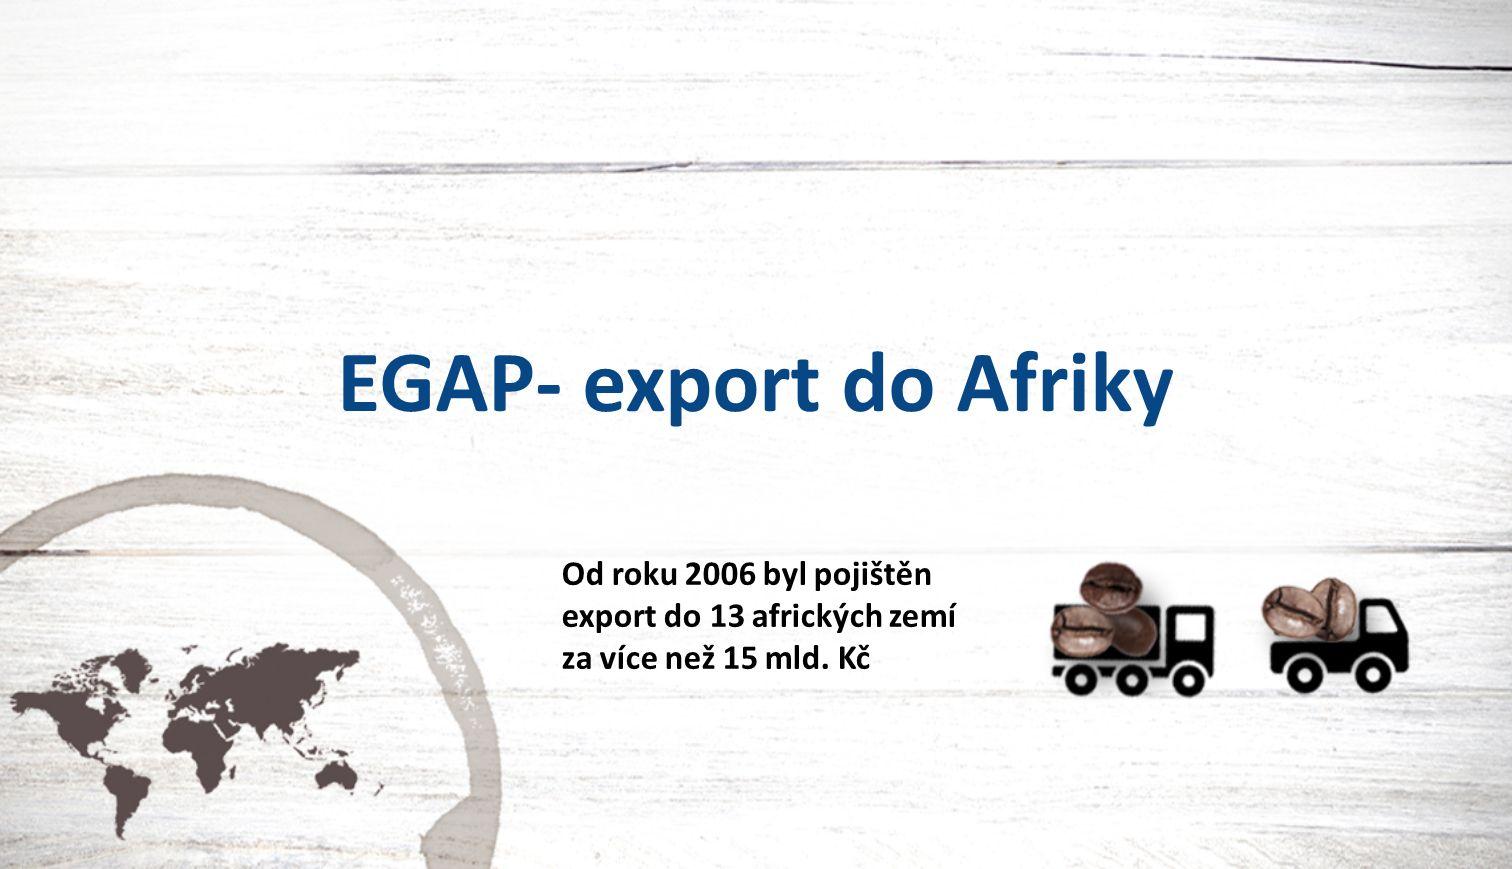 Podpora exportu do Afriky/EGAP od roku 2006